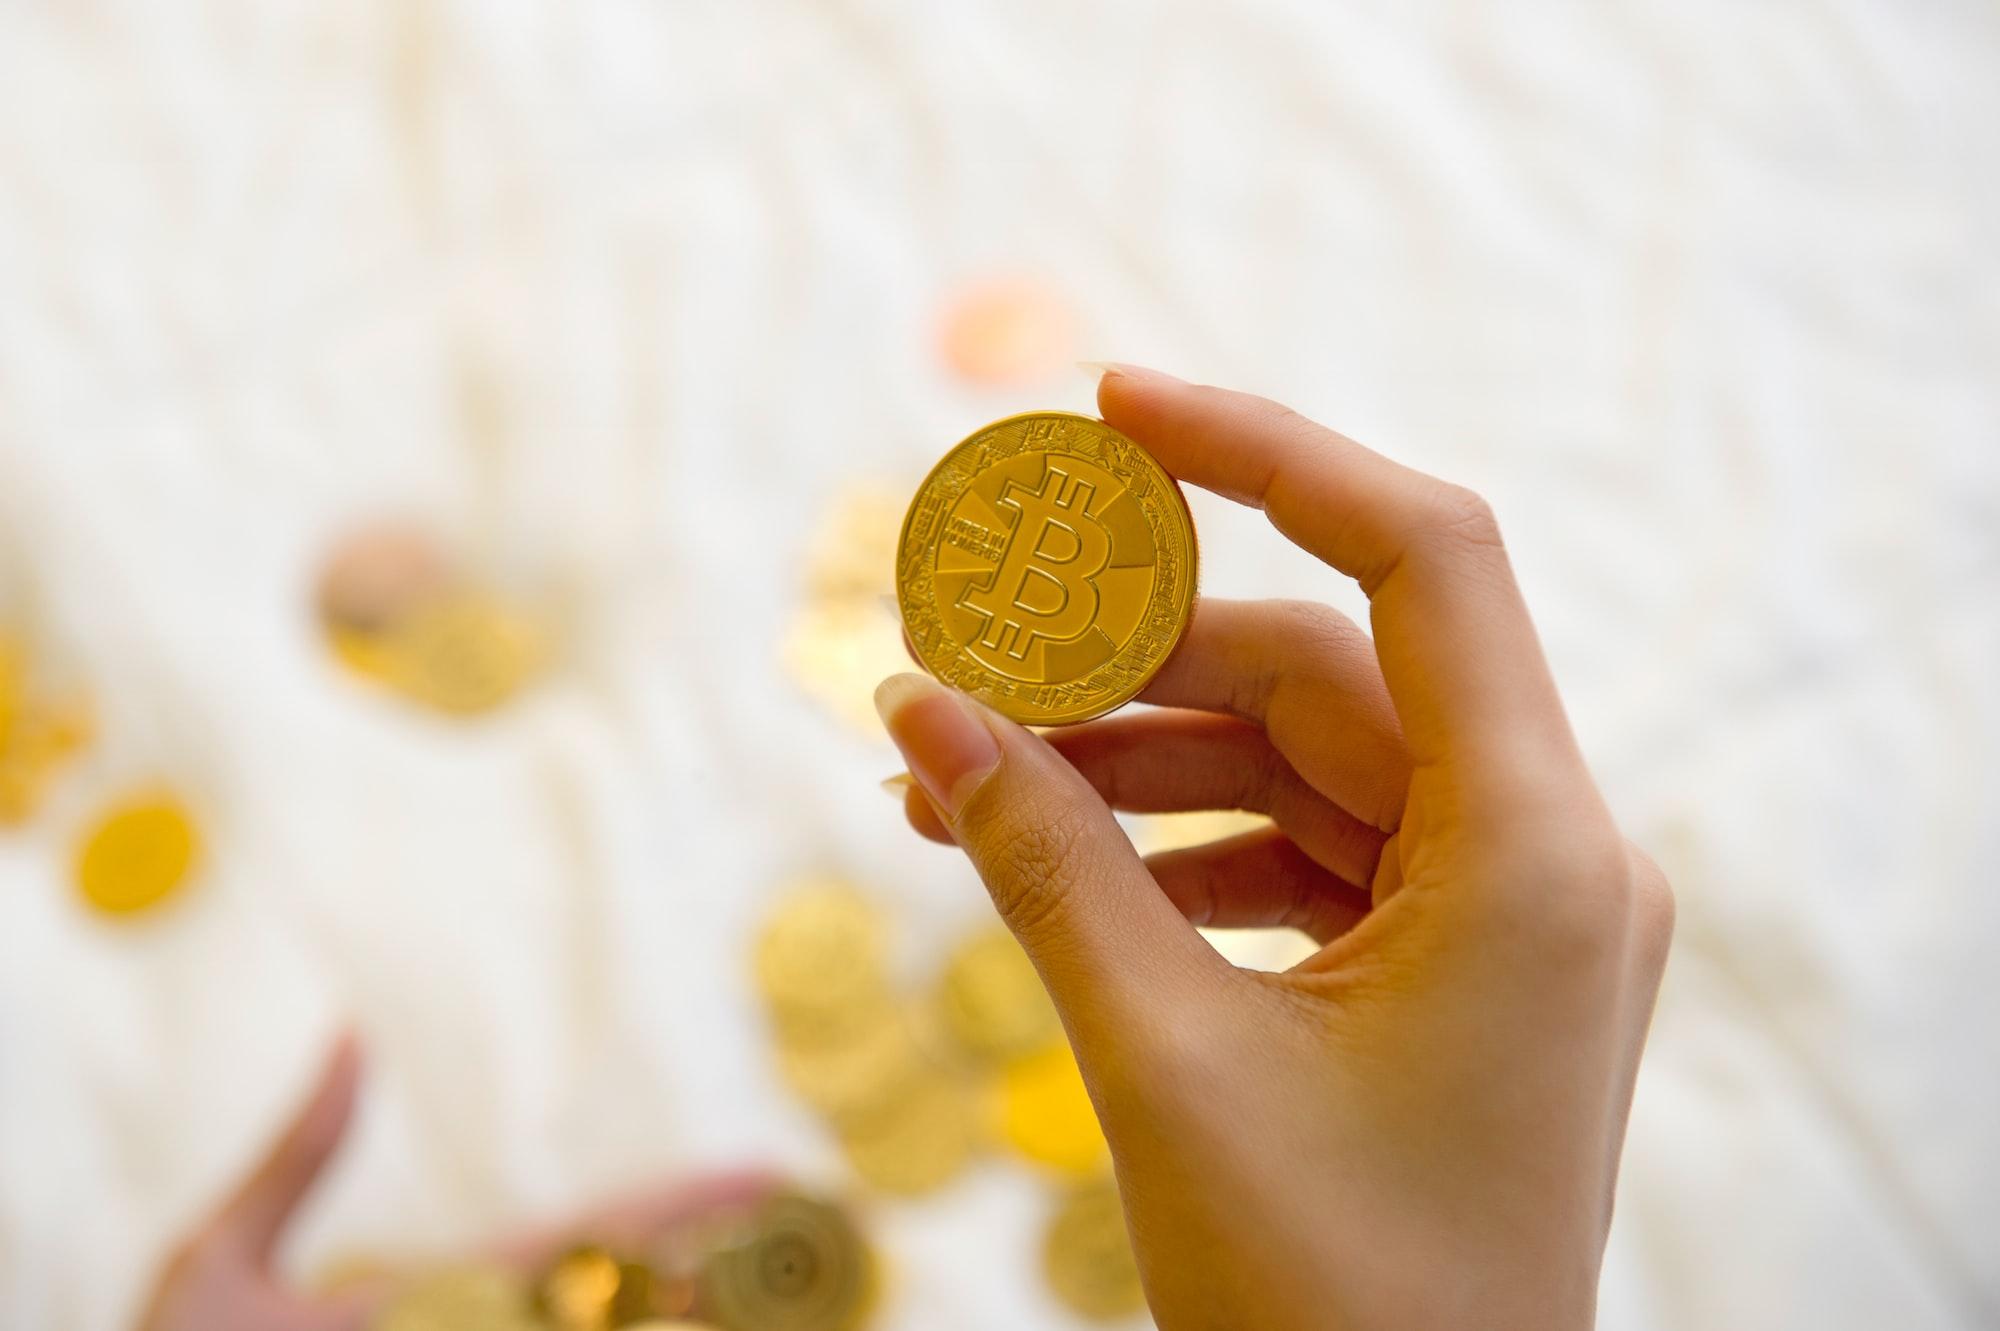 ทำไม Bitcoin ถึงเป็นที่นิยมในหมู่นักลงทุน